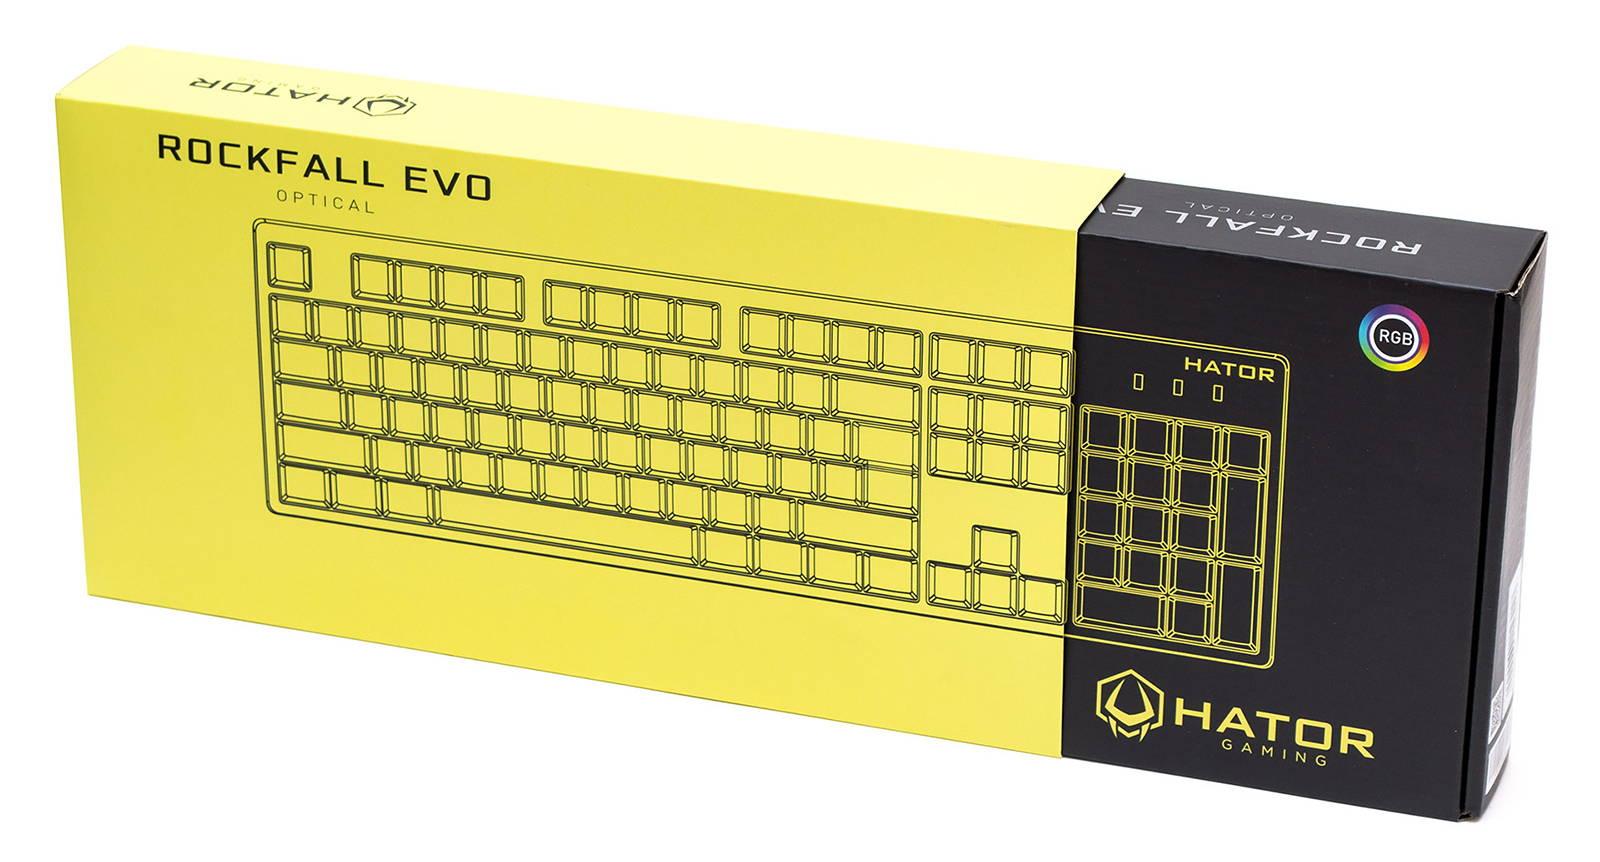 Клавиатура Hator Rockfall EVO. Фото 2